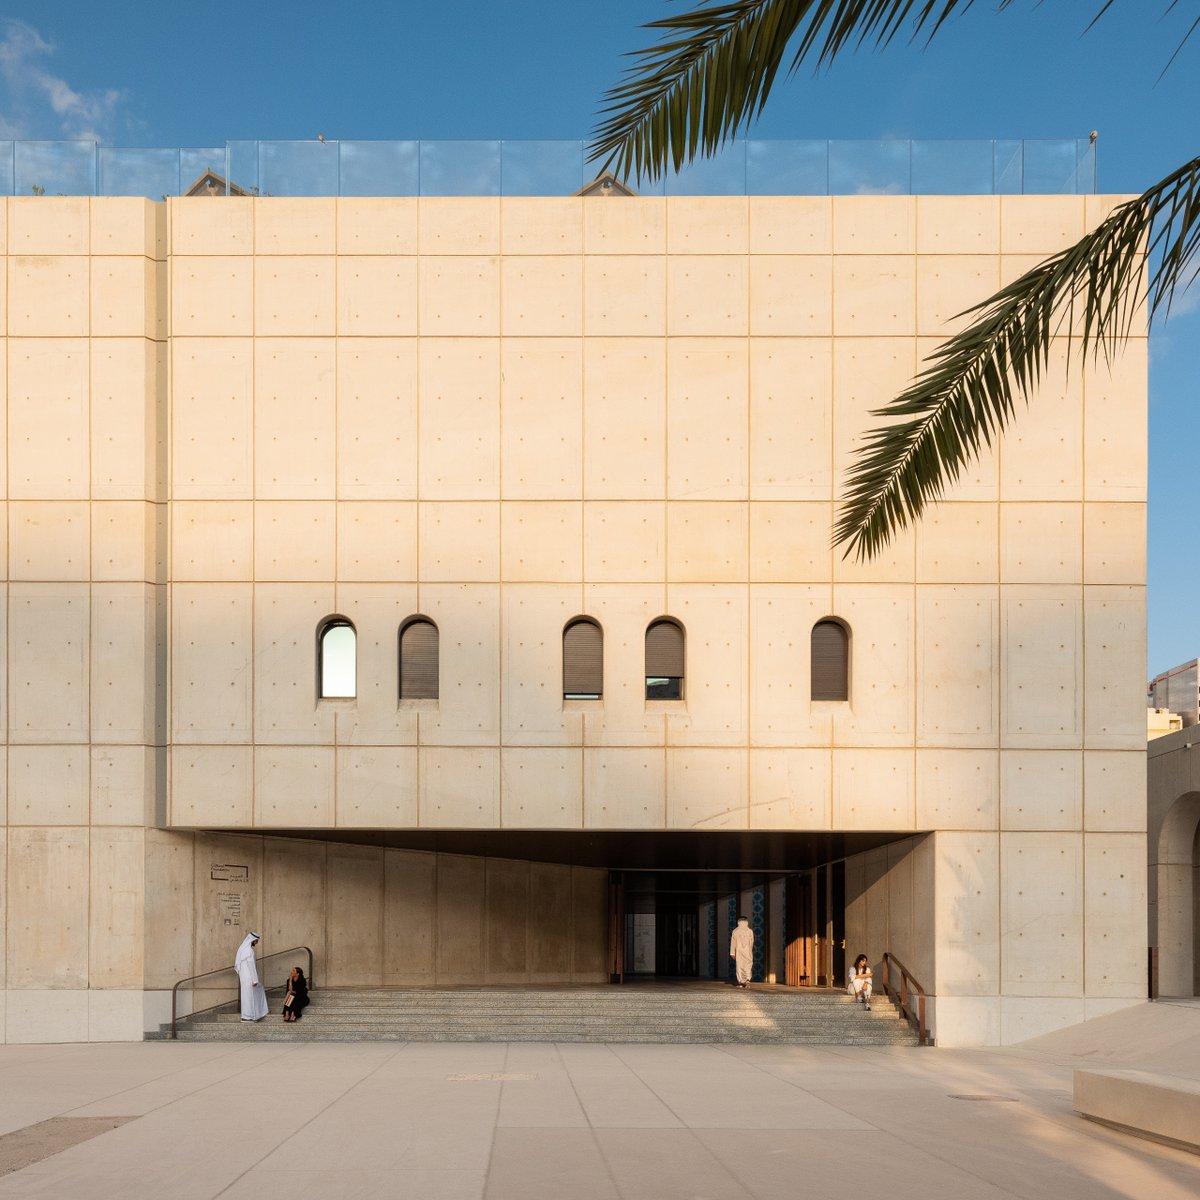 واحة للفن والثقافة وأحد أبرز معالم التراث الحديث في أبوظبي.  A haven for art and culture and a cherished modern heritage landmark in Abu Dhabi.  #InAbuDhabi #HomeOfAbuDhabiCulture    #بيت_الفن_والثقافة #في_أبوظبي https://t.co/TdIFJwGkBn